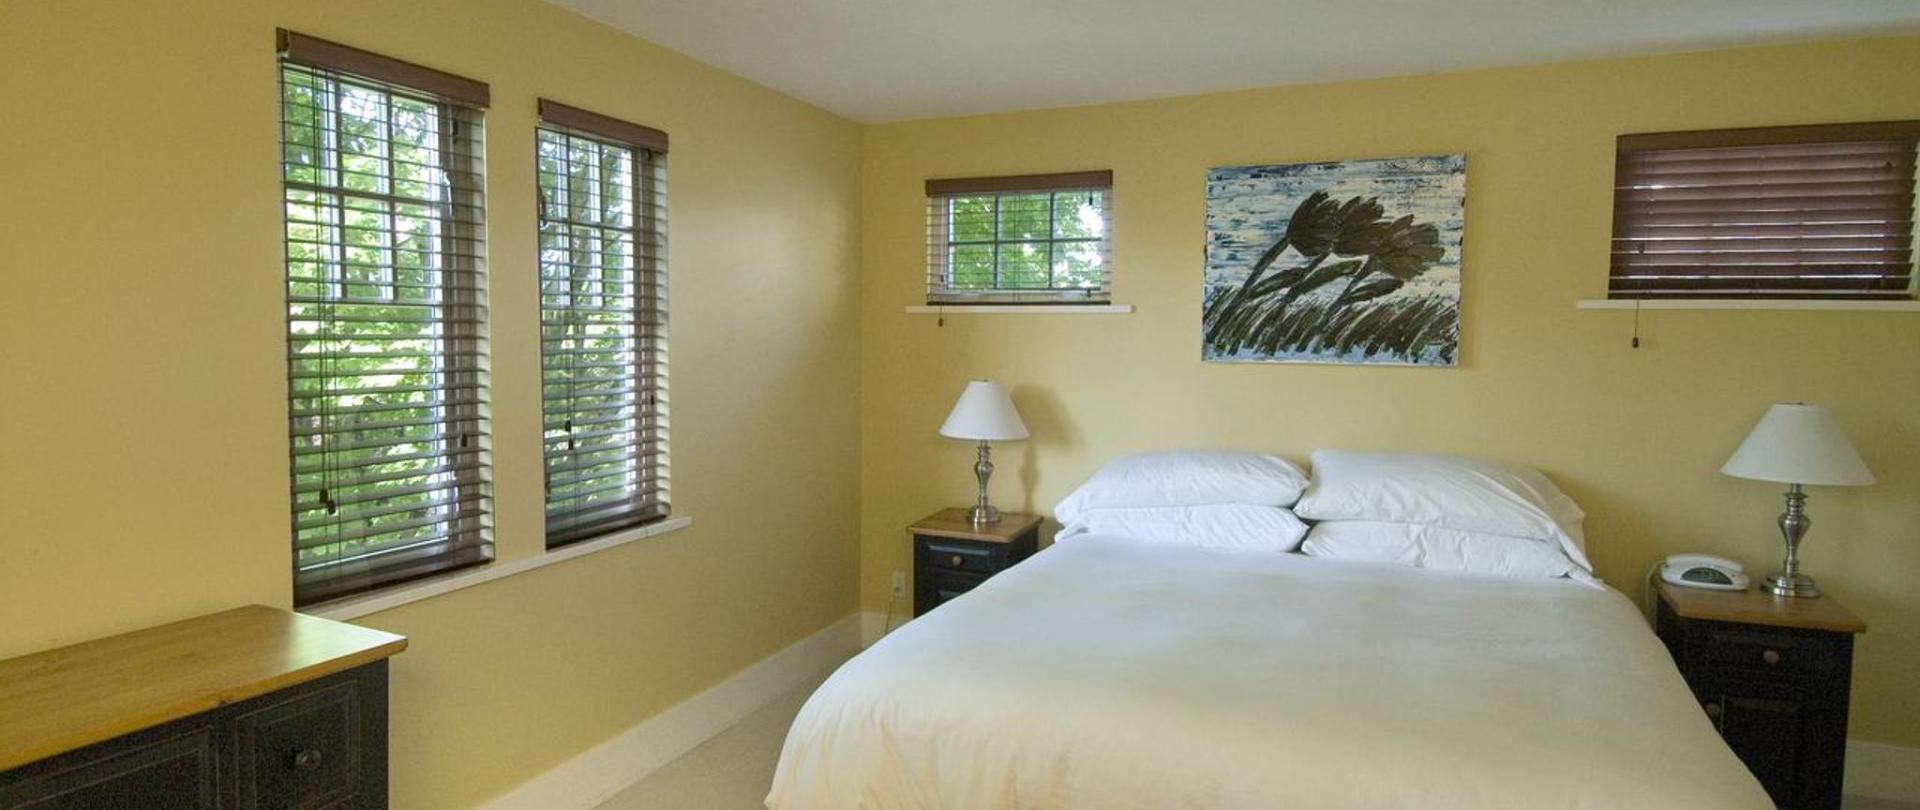 Hycroft Suites